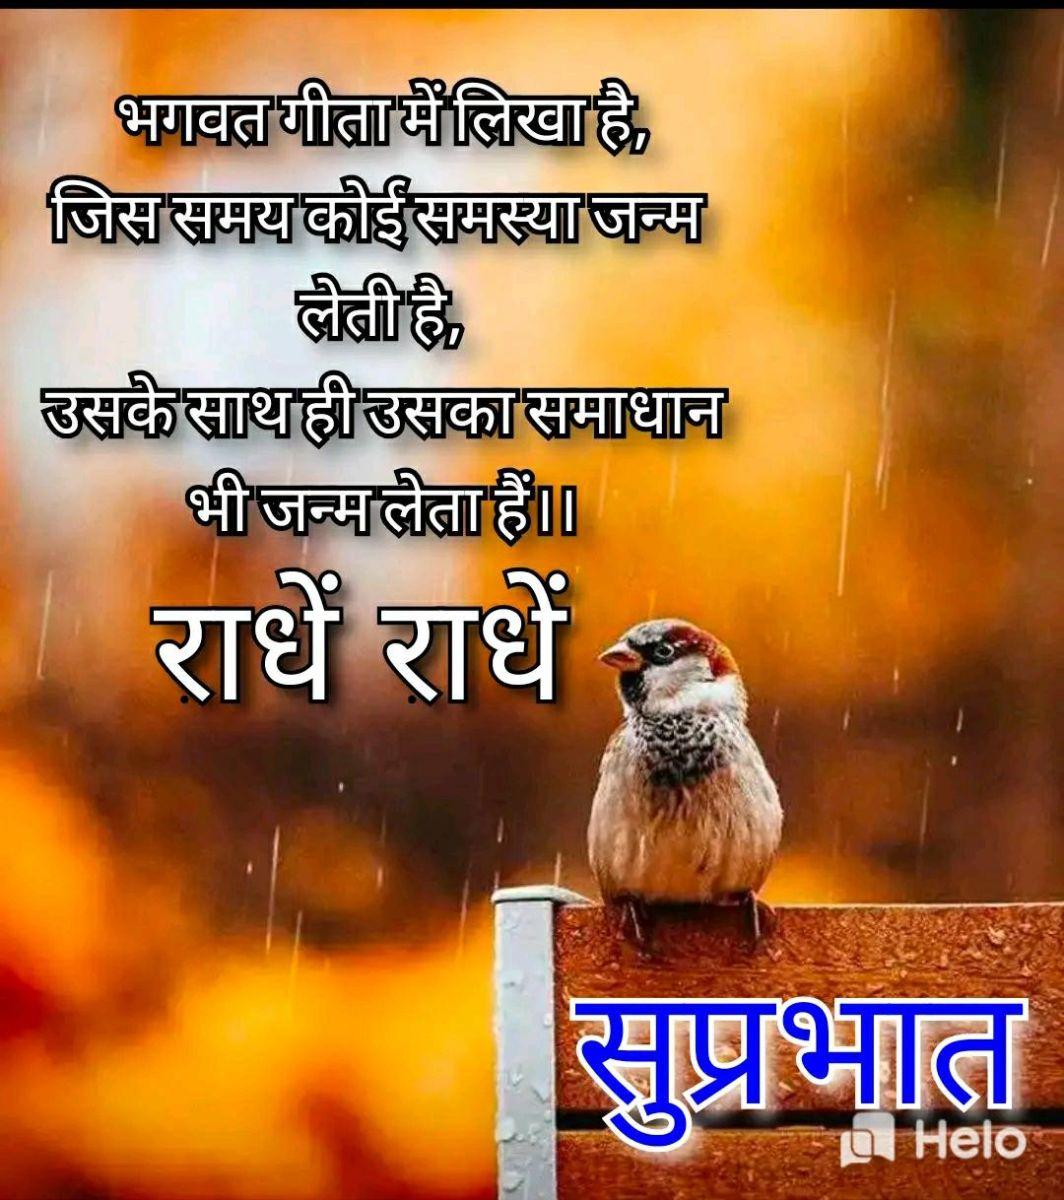 ❤️नमस्कार - भगवत गीता में लिखा है , जिस समय कोई समस्या जन्म लेती है , उसके साथ ही उसका समाधान भी जन्म लेता हैं । । राधे राधे सुप्रभात Heto - ShareChat